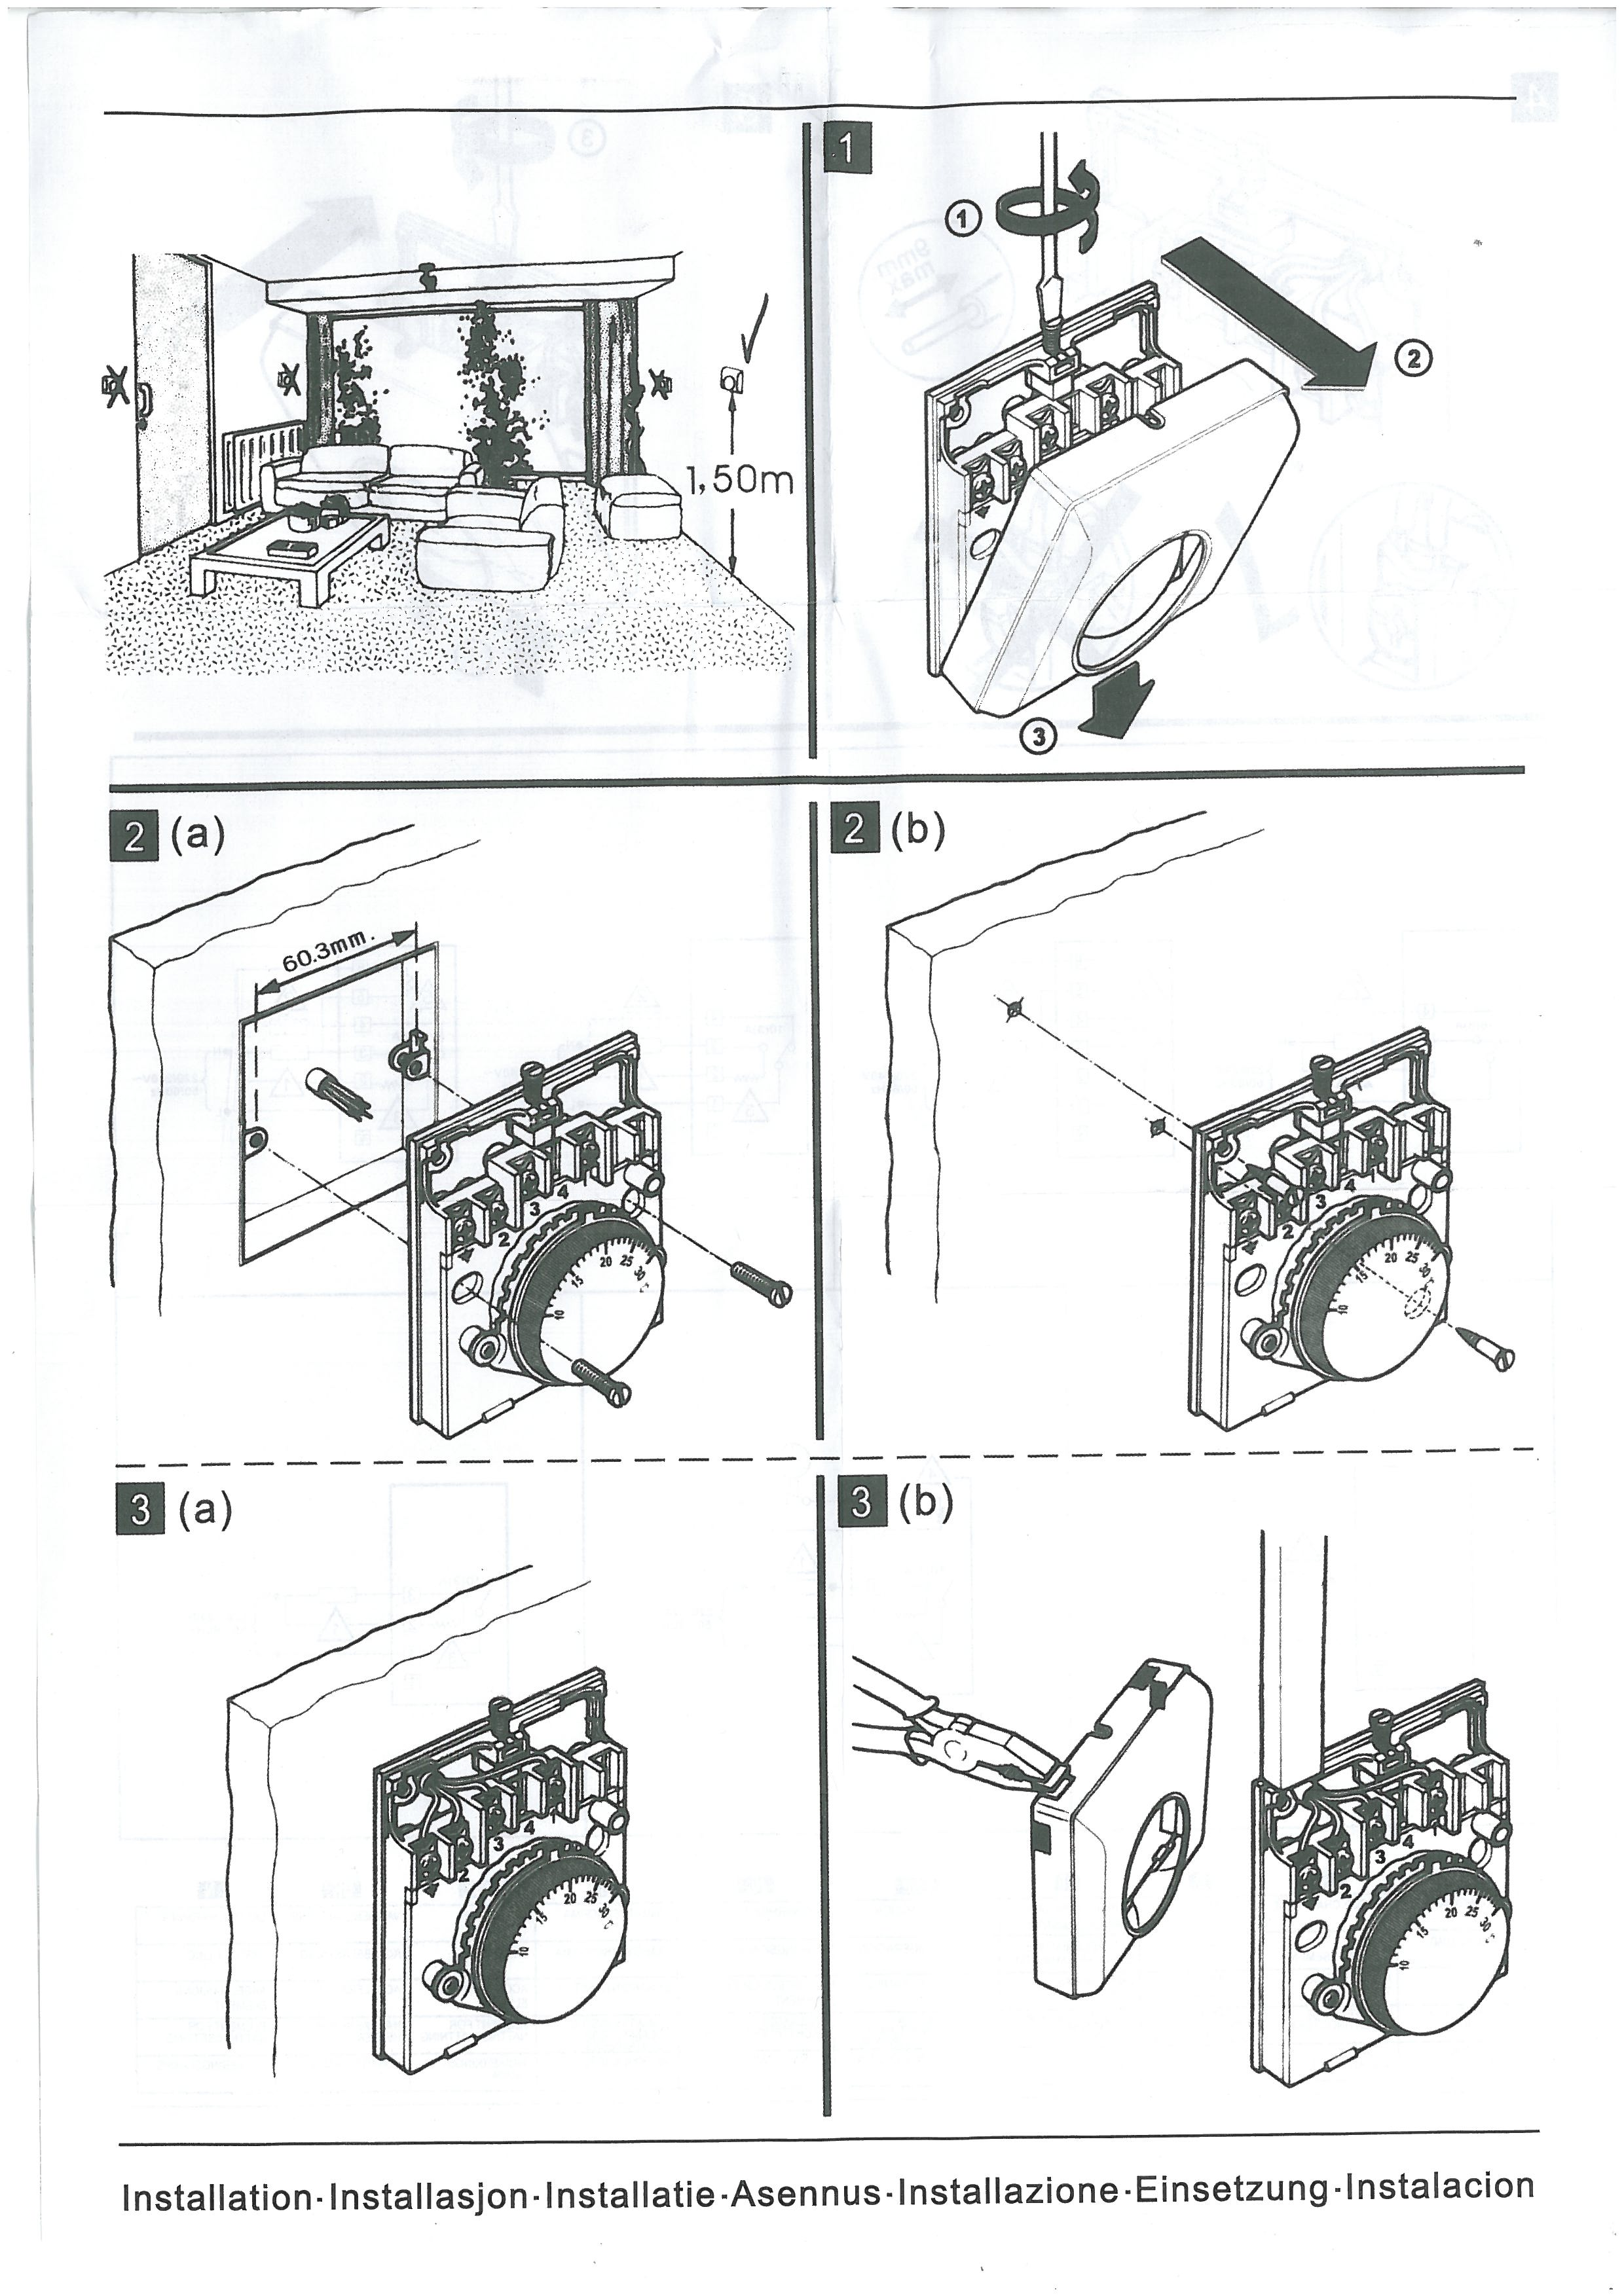 Podłączyć przewody termostatu